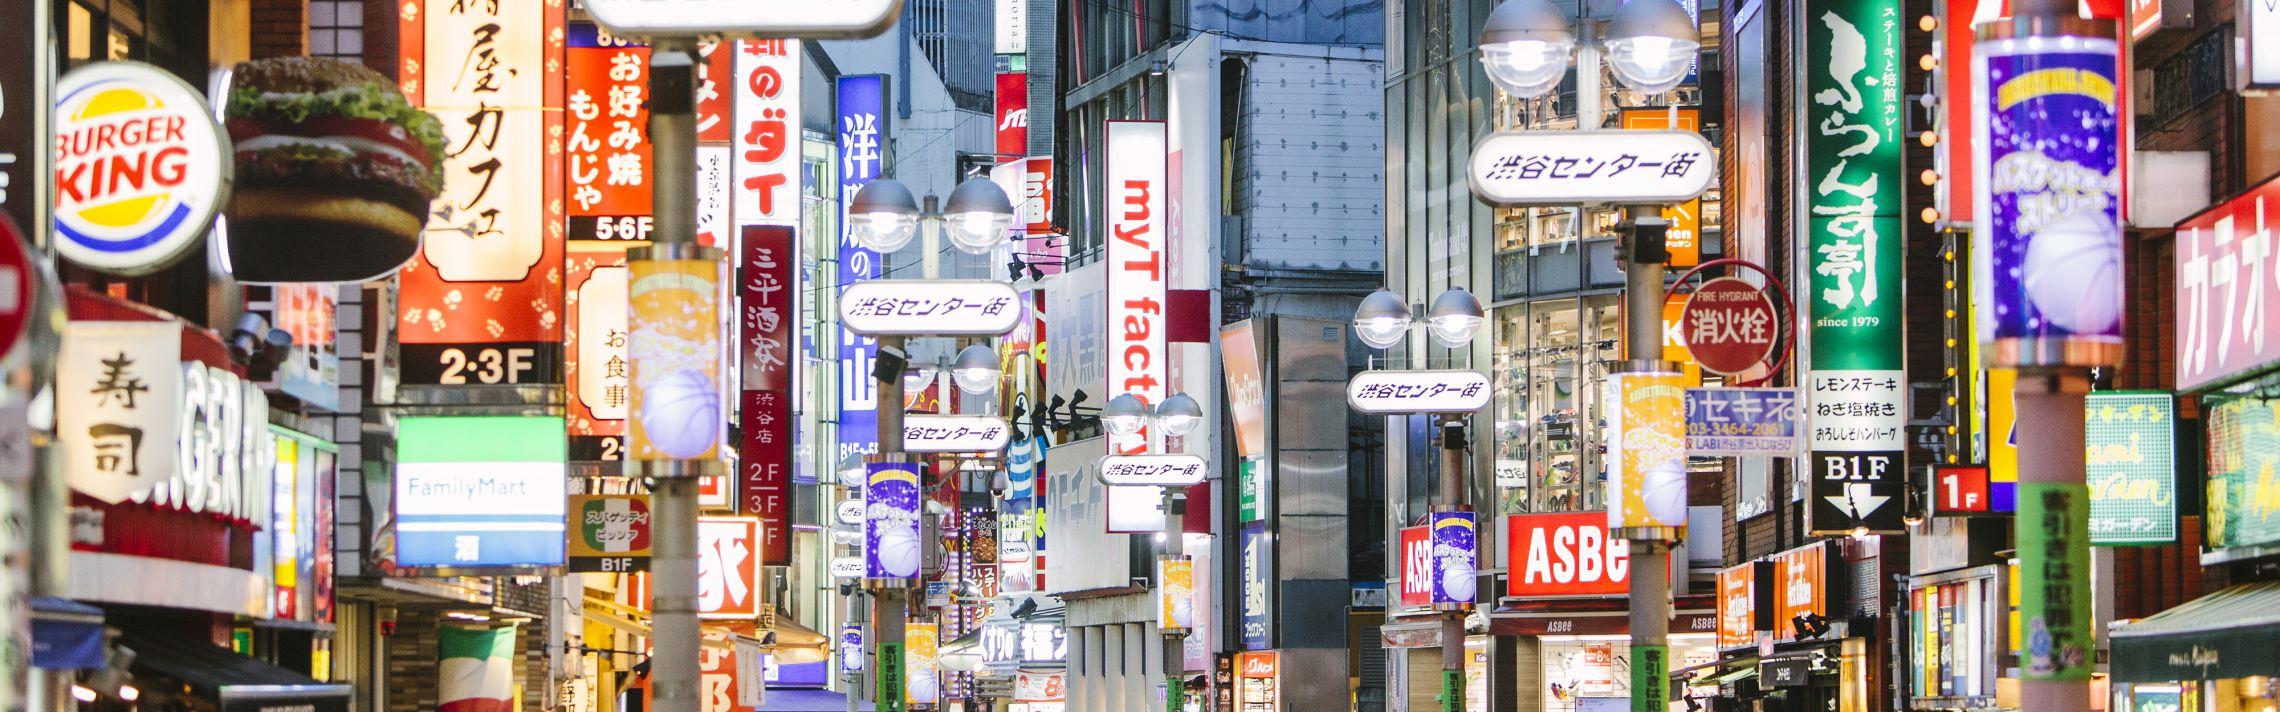 Center-gai street in Shibuya, Tokyo